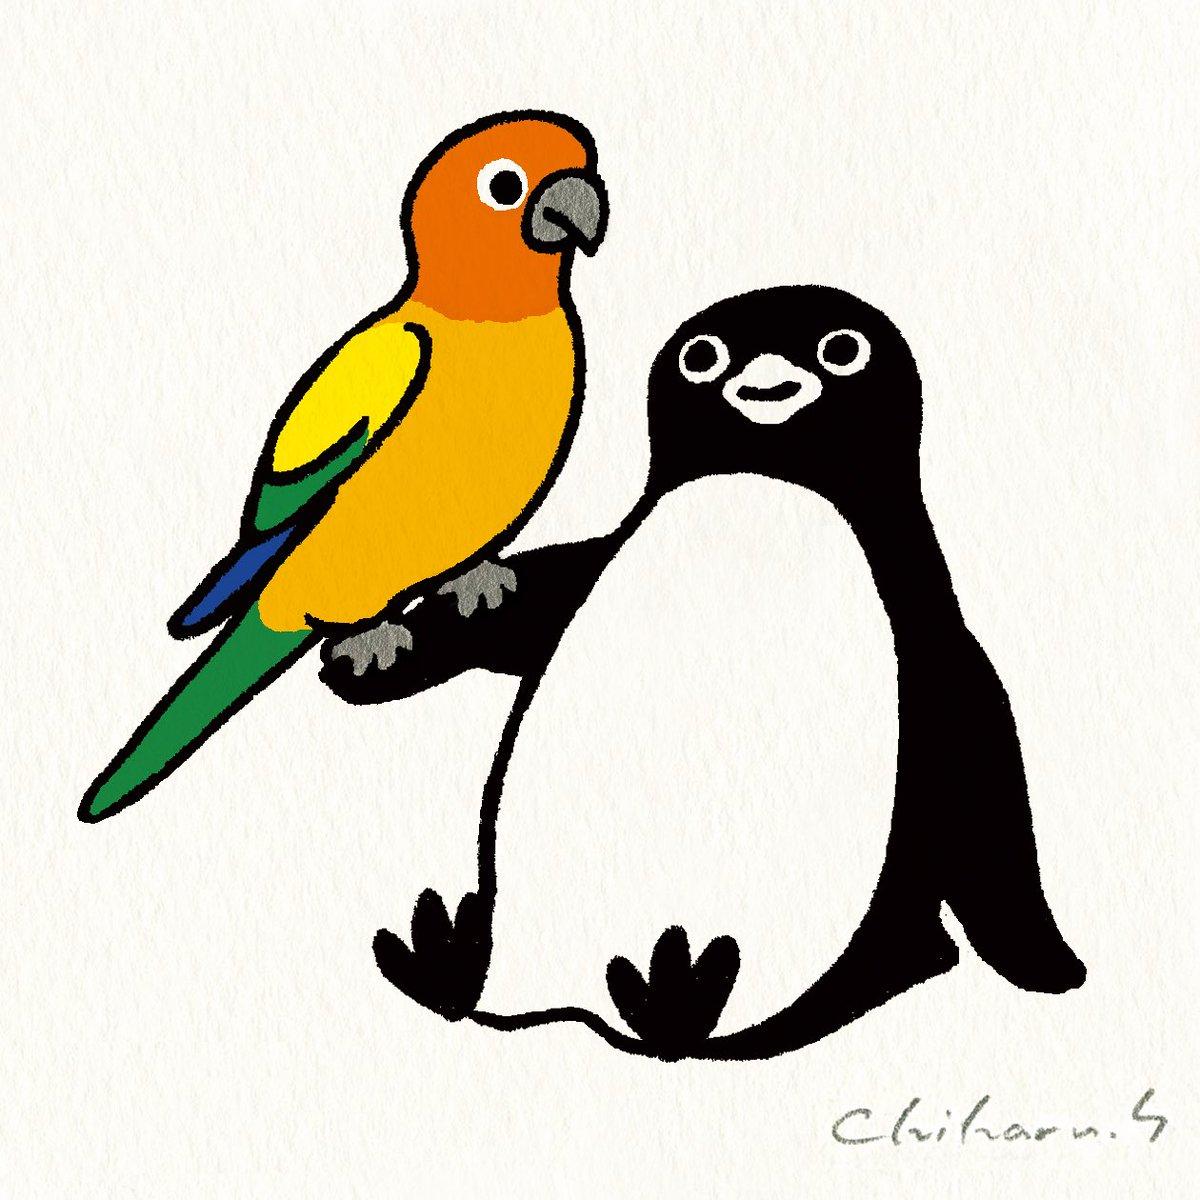 4月後半に予定していた展覧会が、新型コロナの影響で延期になりました。「ペンギン百態Ⅳ-空と海の鳥たち」というテーマでペンギンがいろいろな鳥さんと絡んでいる絵を100枚描いてます。家にこもって、絵も描いて、コロナとも闘う、一石三鳥だ!#家にいよう